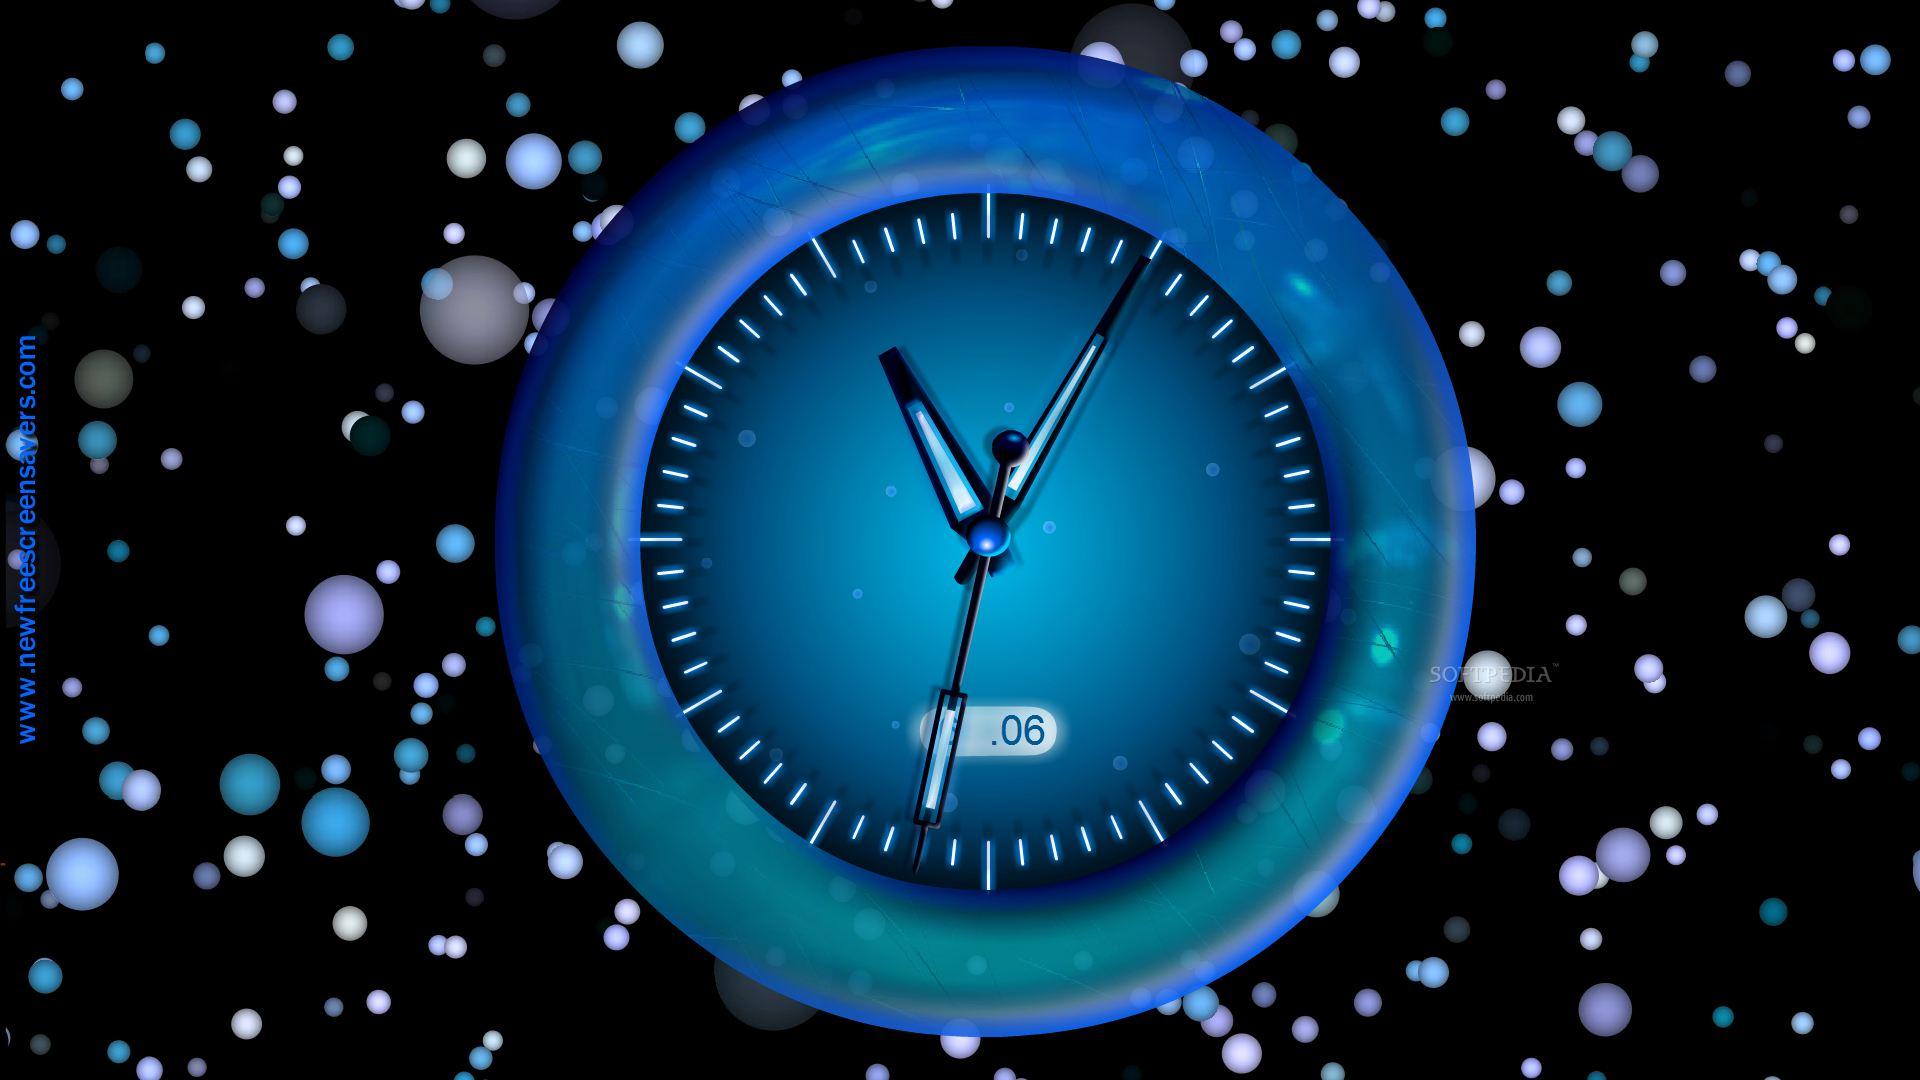 скачать обои часы на рабочий стол бесплатно на андроид № 150868 без смс